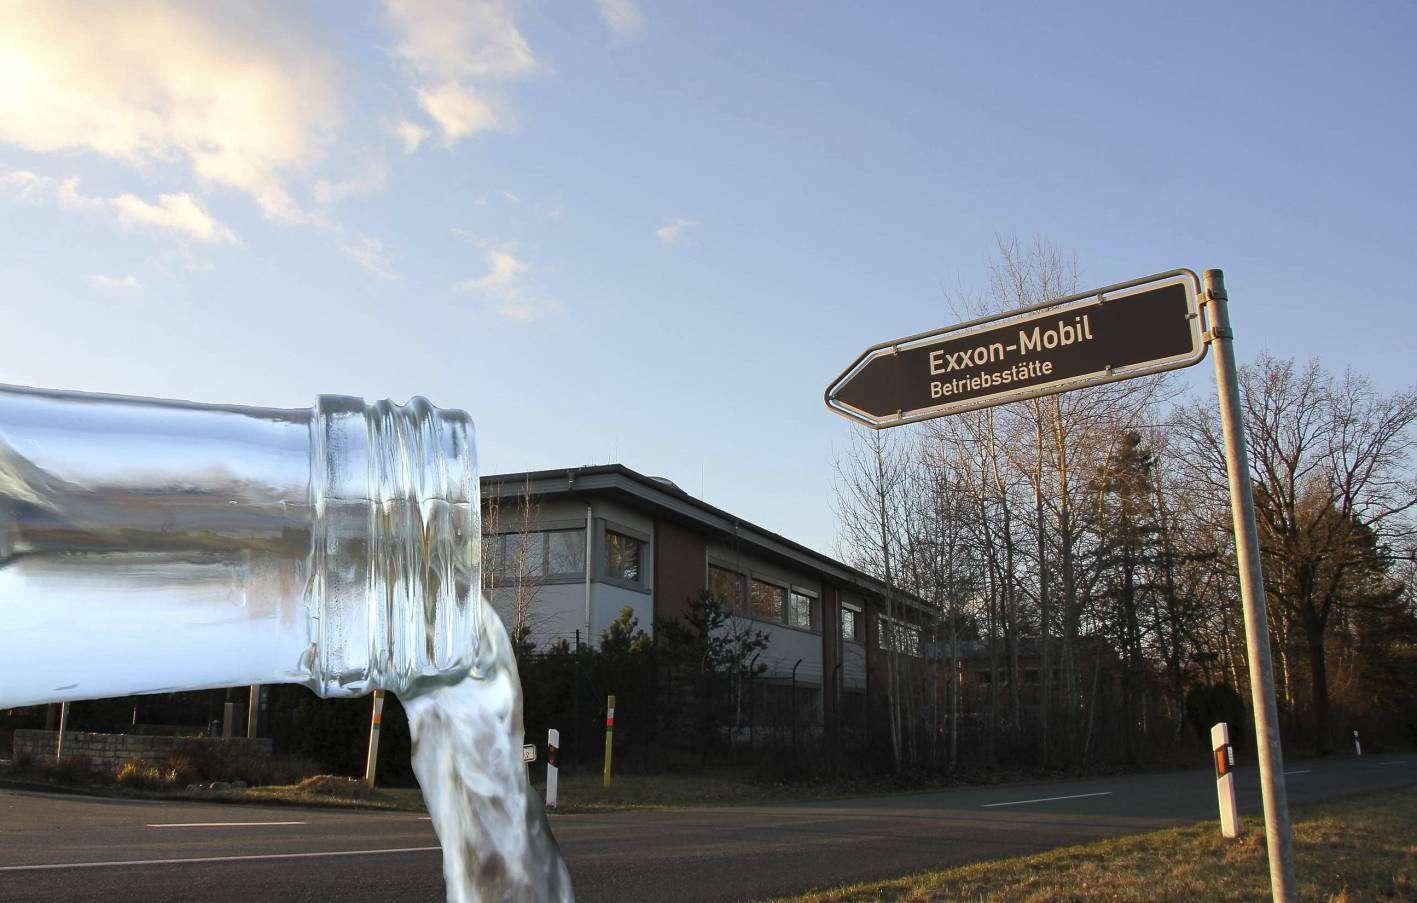 Das Exxon-Mobil-Betriebsgelände in Bellen: Der Erdgaskonzern plant, die Verunreinigungen im Grundwasser so schnell wie möglich zu beseitigen. Foto: Nina Baucke